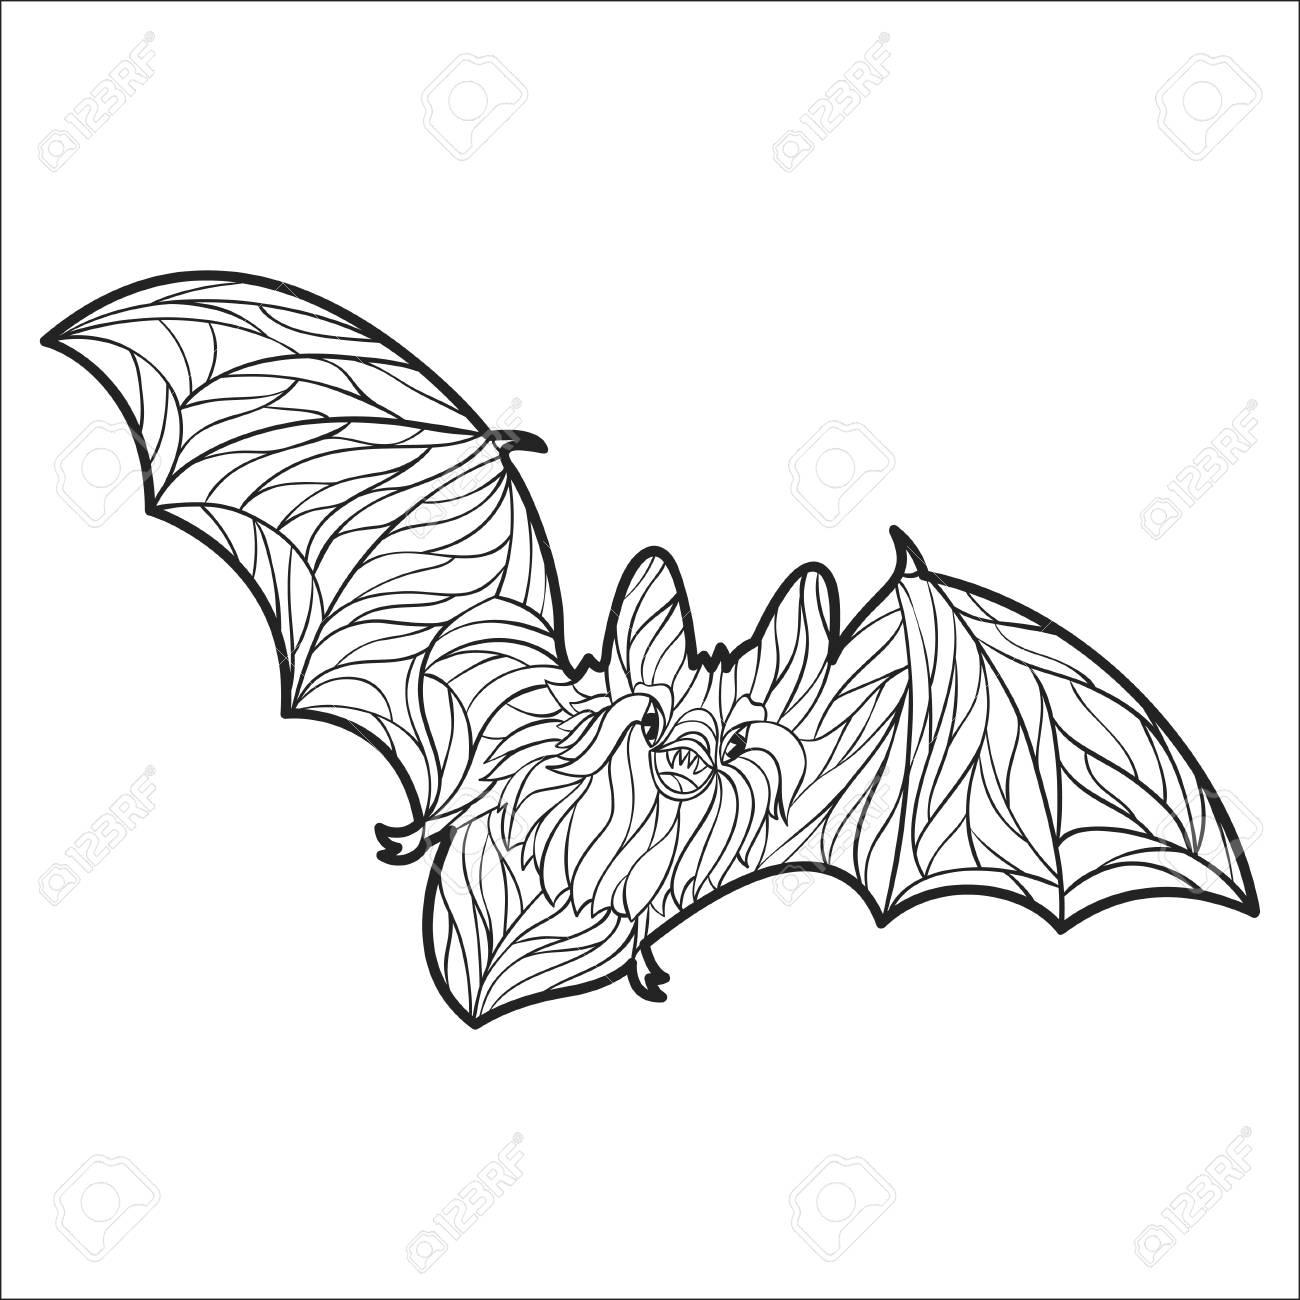 Vector Monocromo Dibujado A Mano Ilustración De Murciélago. Página ...